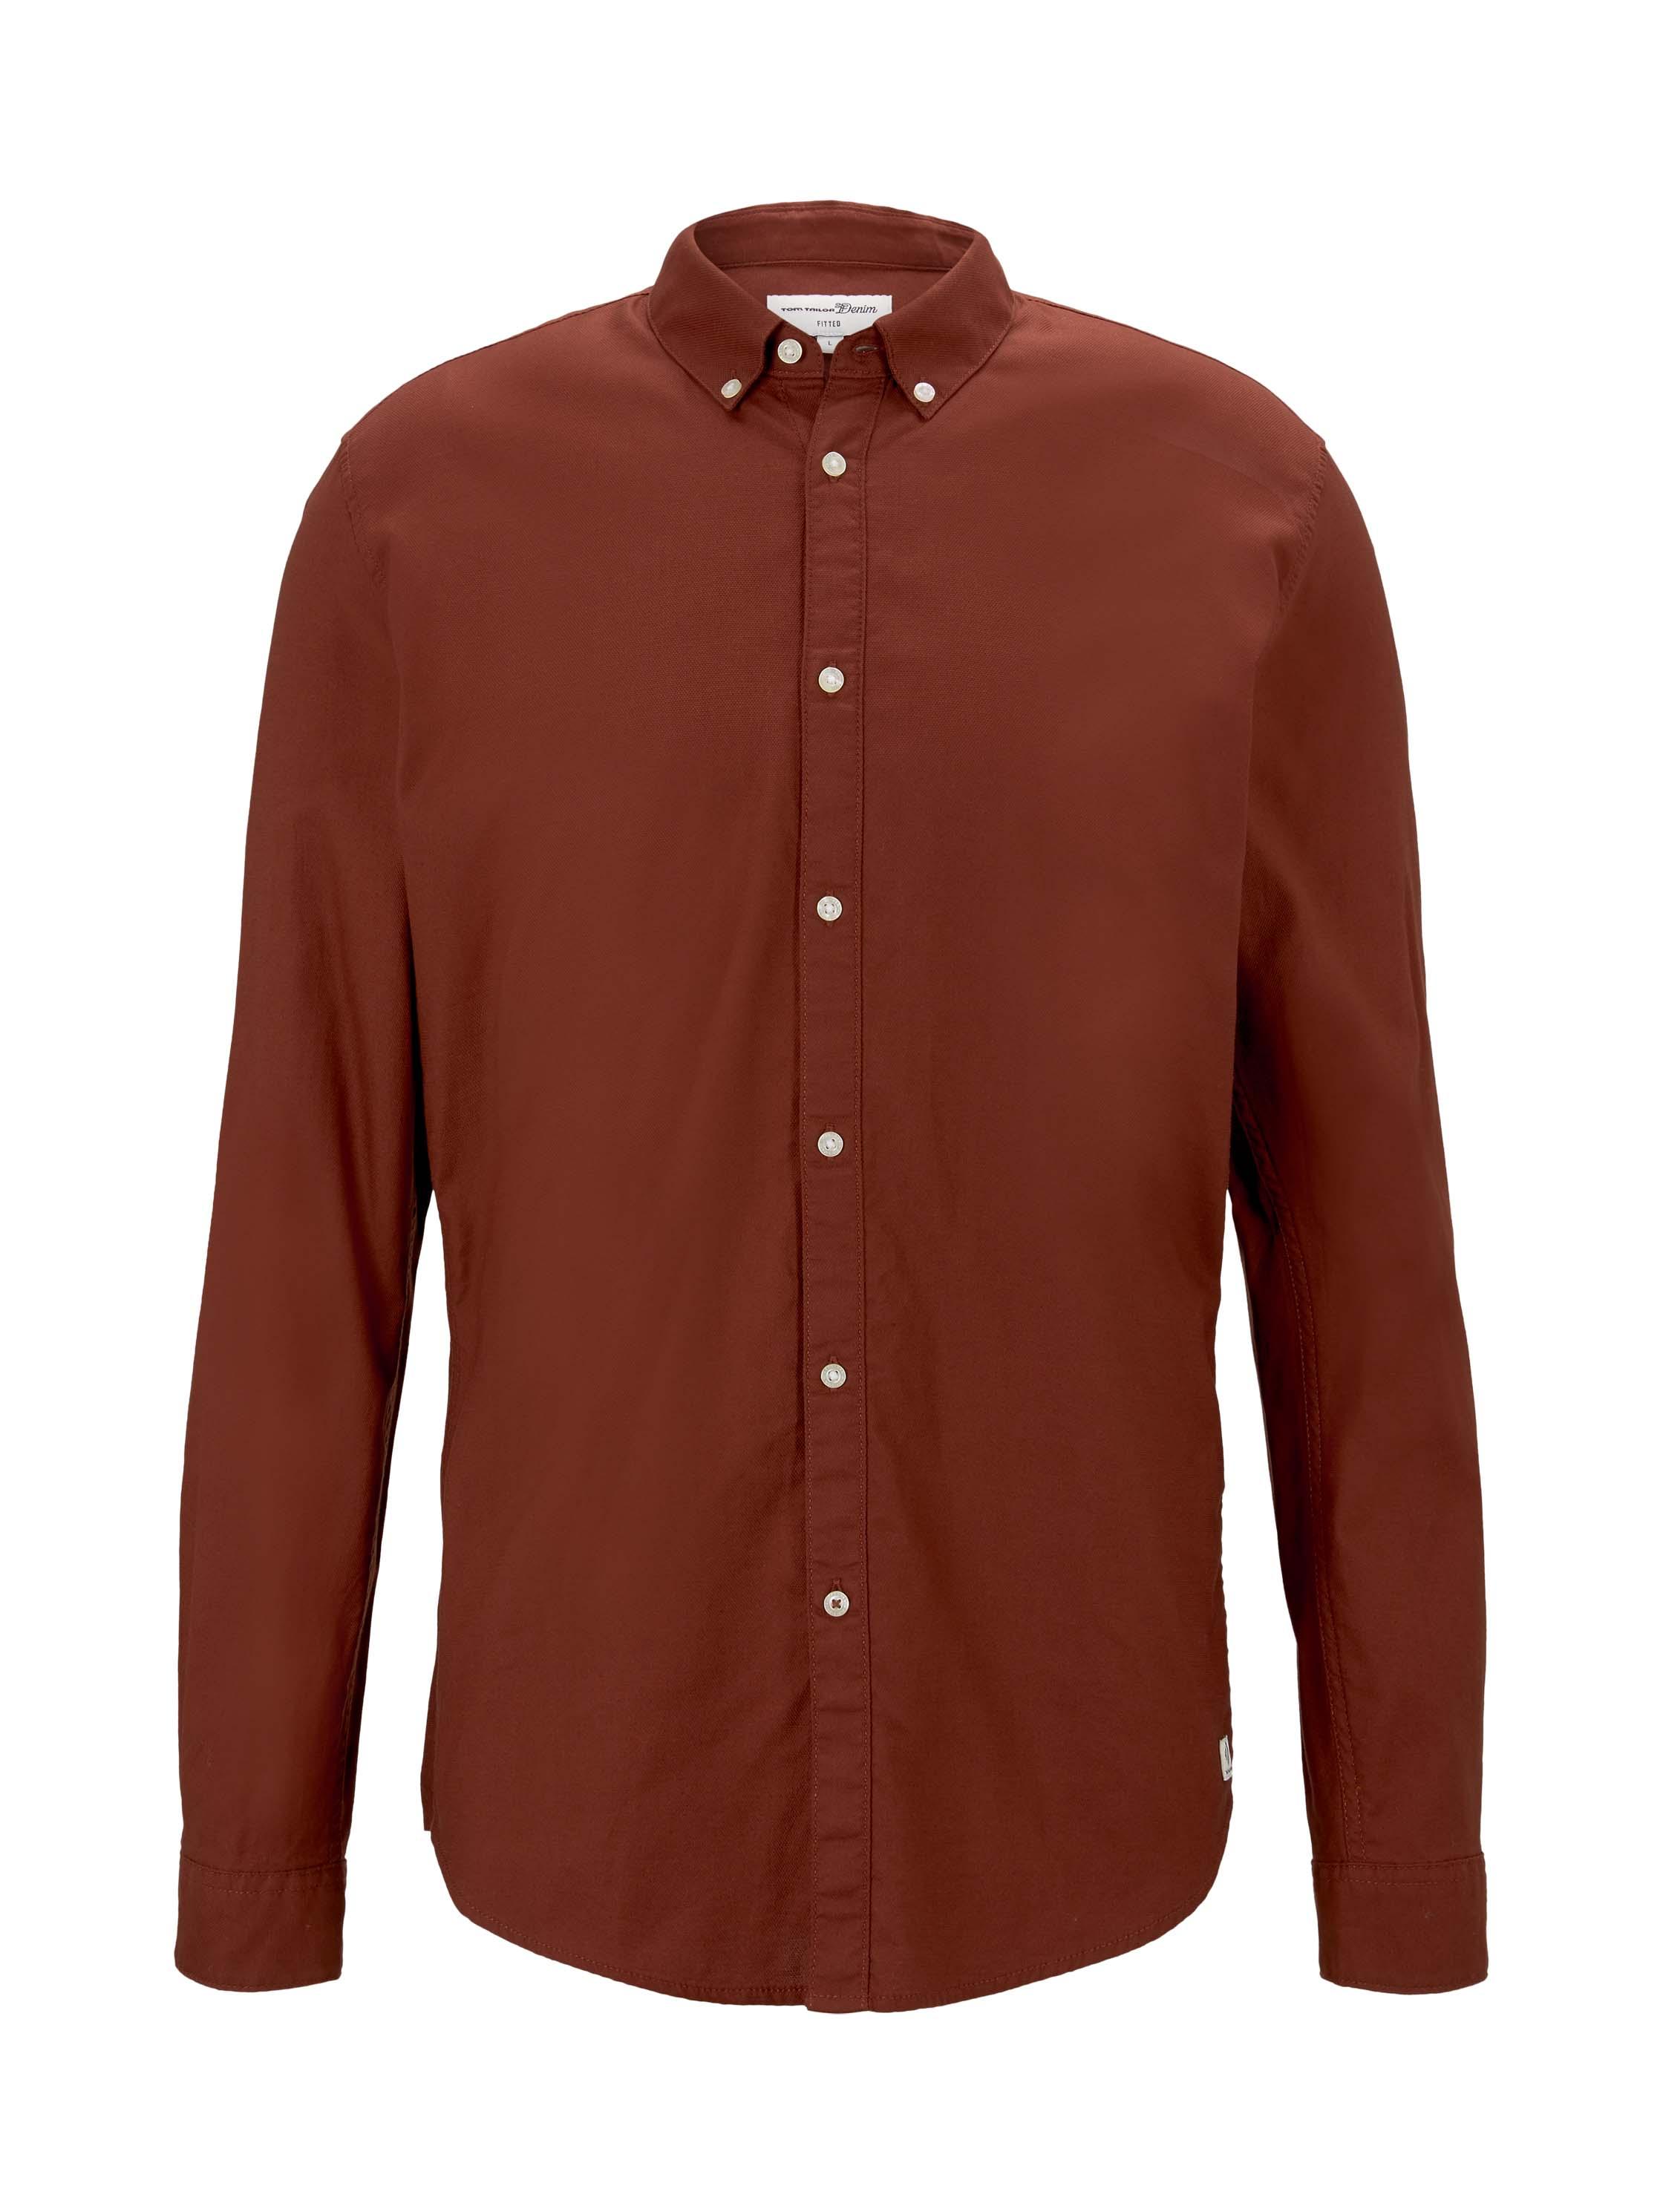 button down collar pique shirt, ochre red